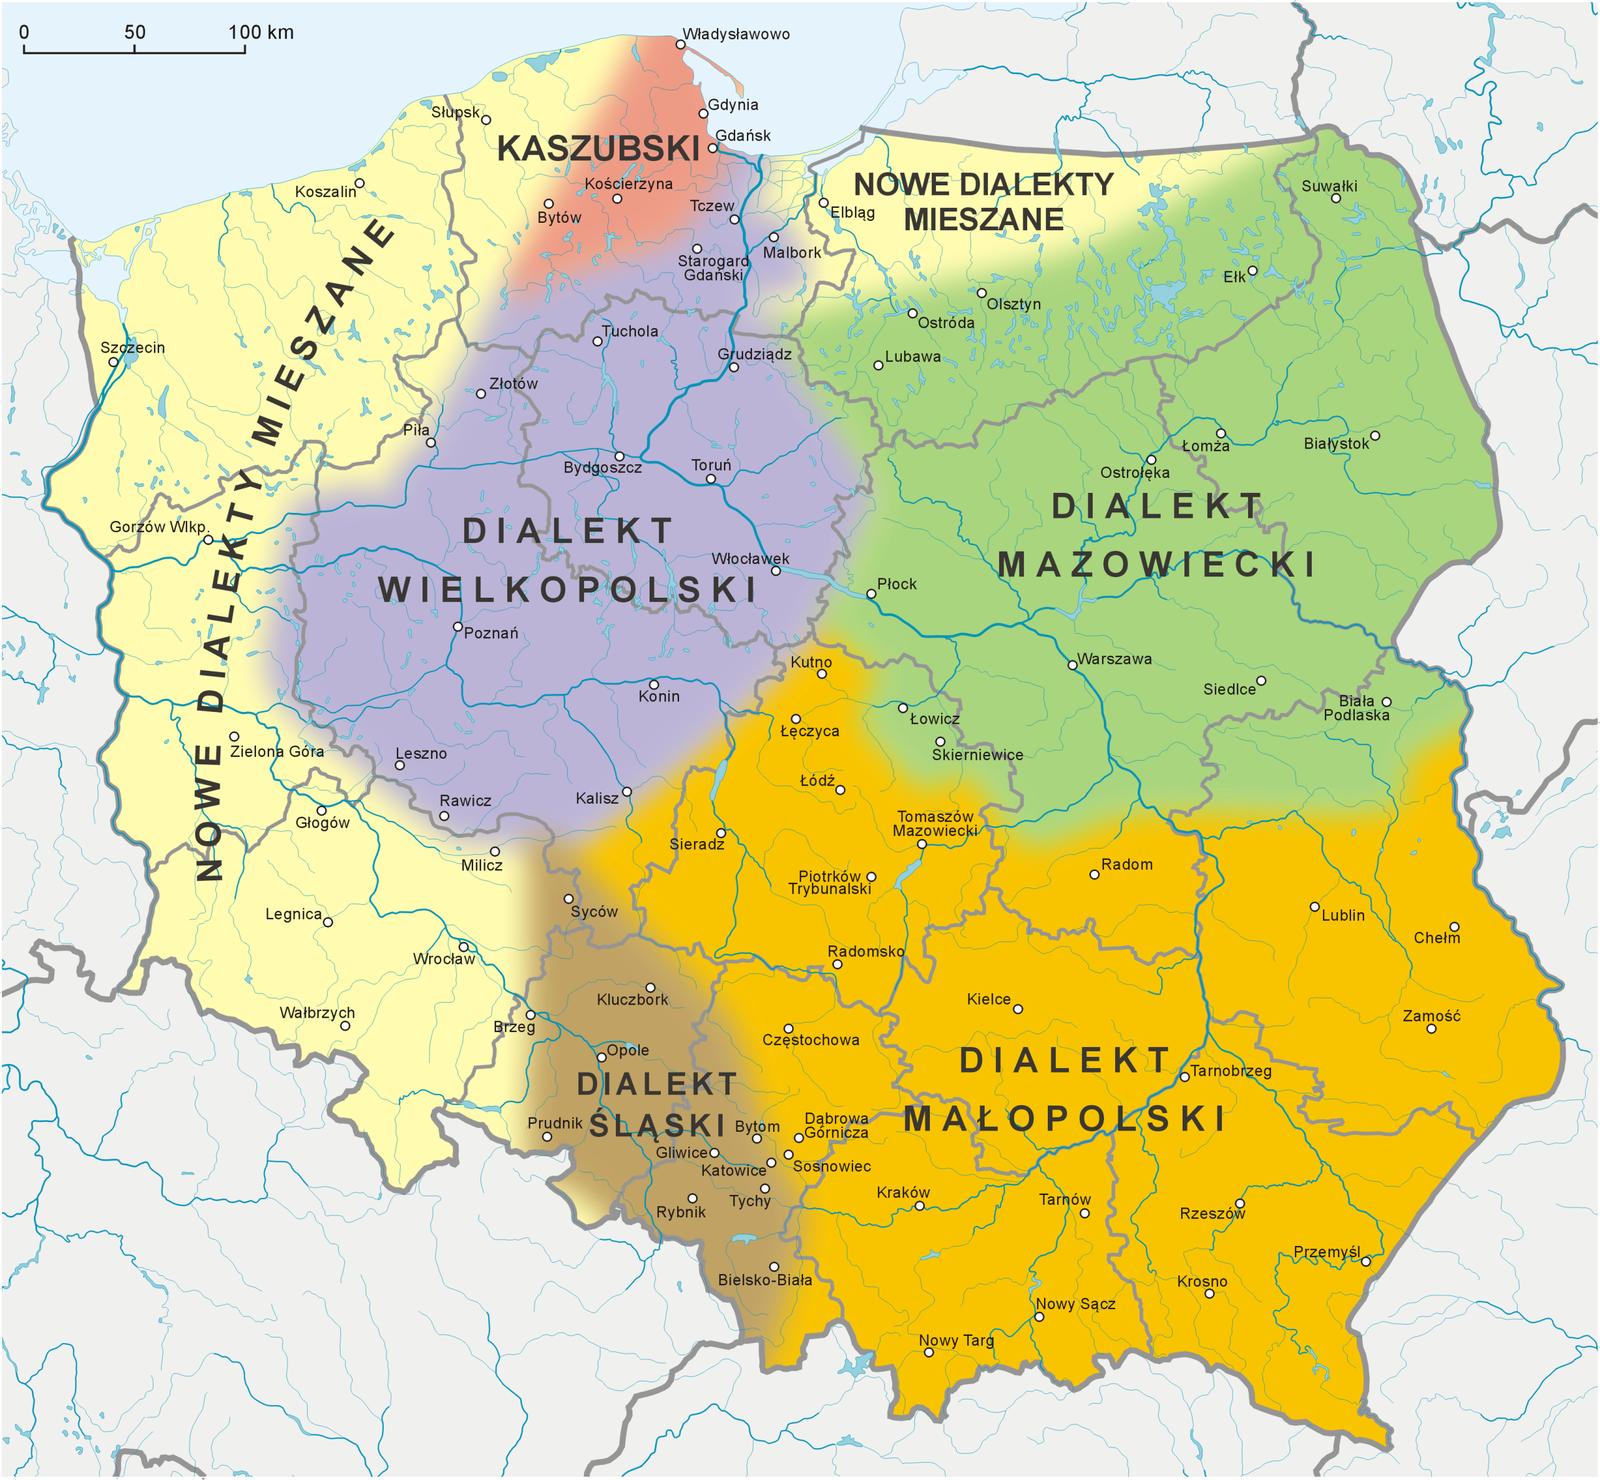 Podział współczesnej Polski na dialekty Podział współczesnej Polski na dialekty Źródło: Wikimedia Commons/Aotearoa, licencja: CC BY-SA 3.0.